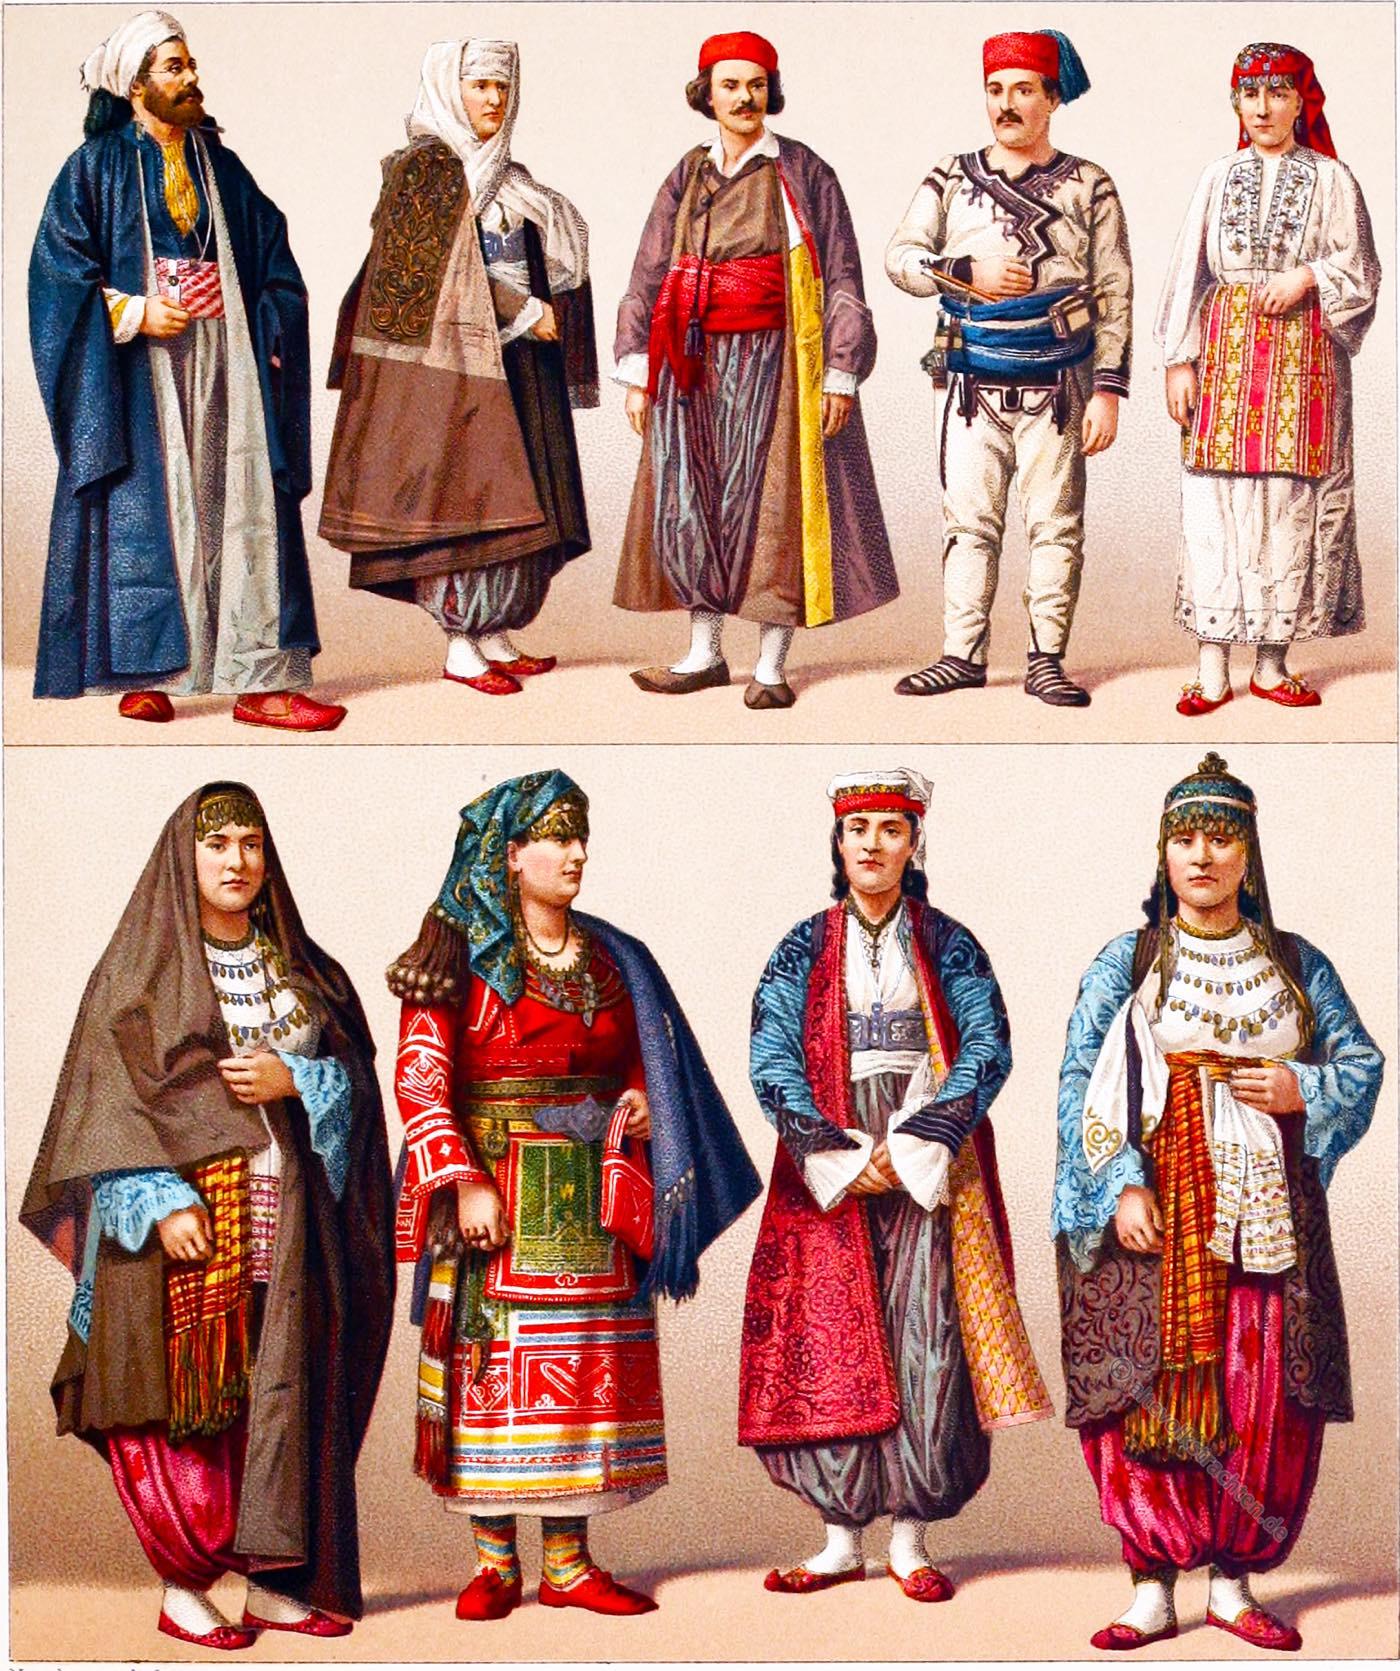 Slawische Trachten, osmanisches Reich, Kostüme, Balkan, Bulgarien, Albanien,